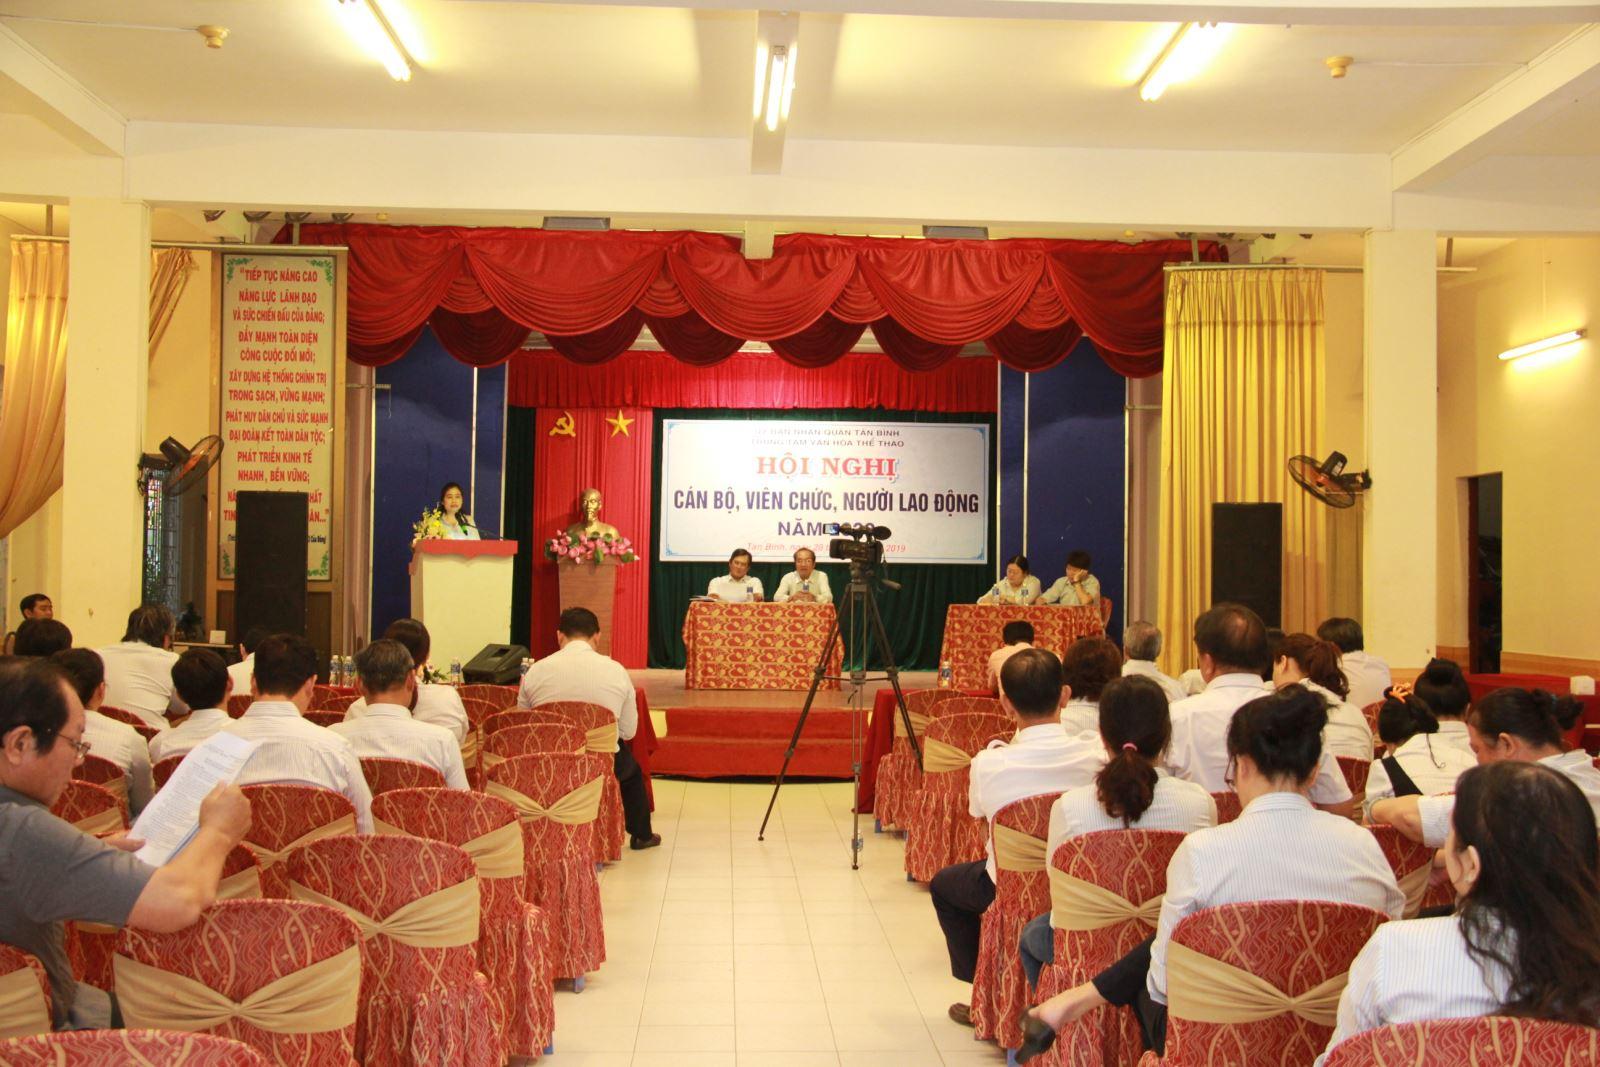 Tổ chức Hội nghị cán bộ, viên chức, người lao động năm 2020